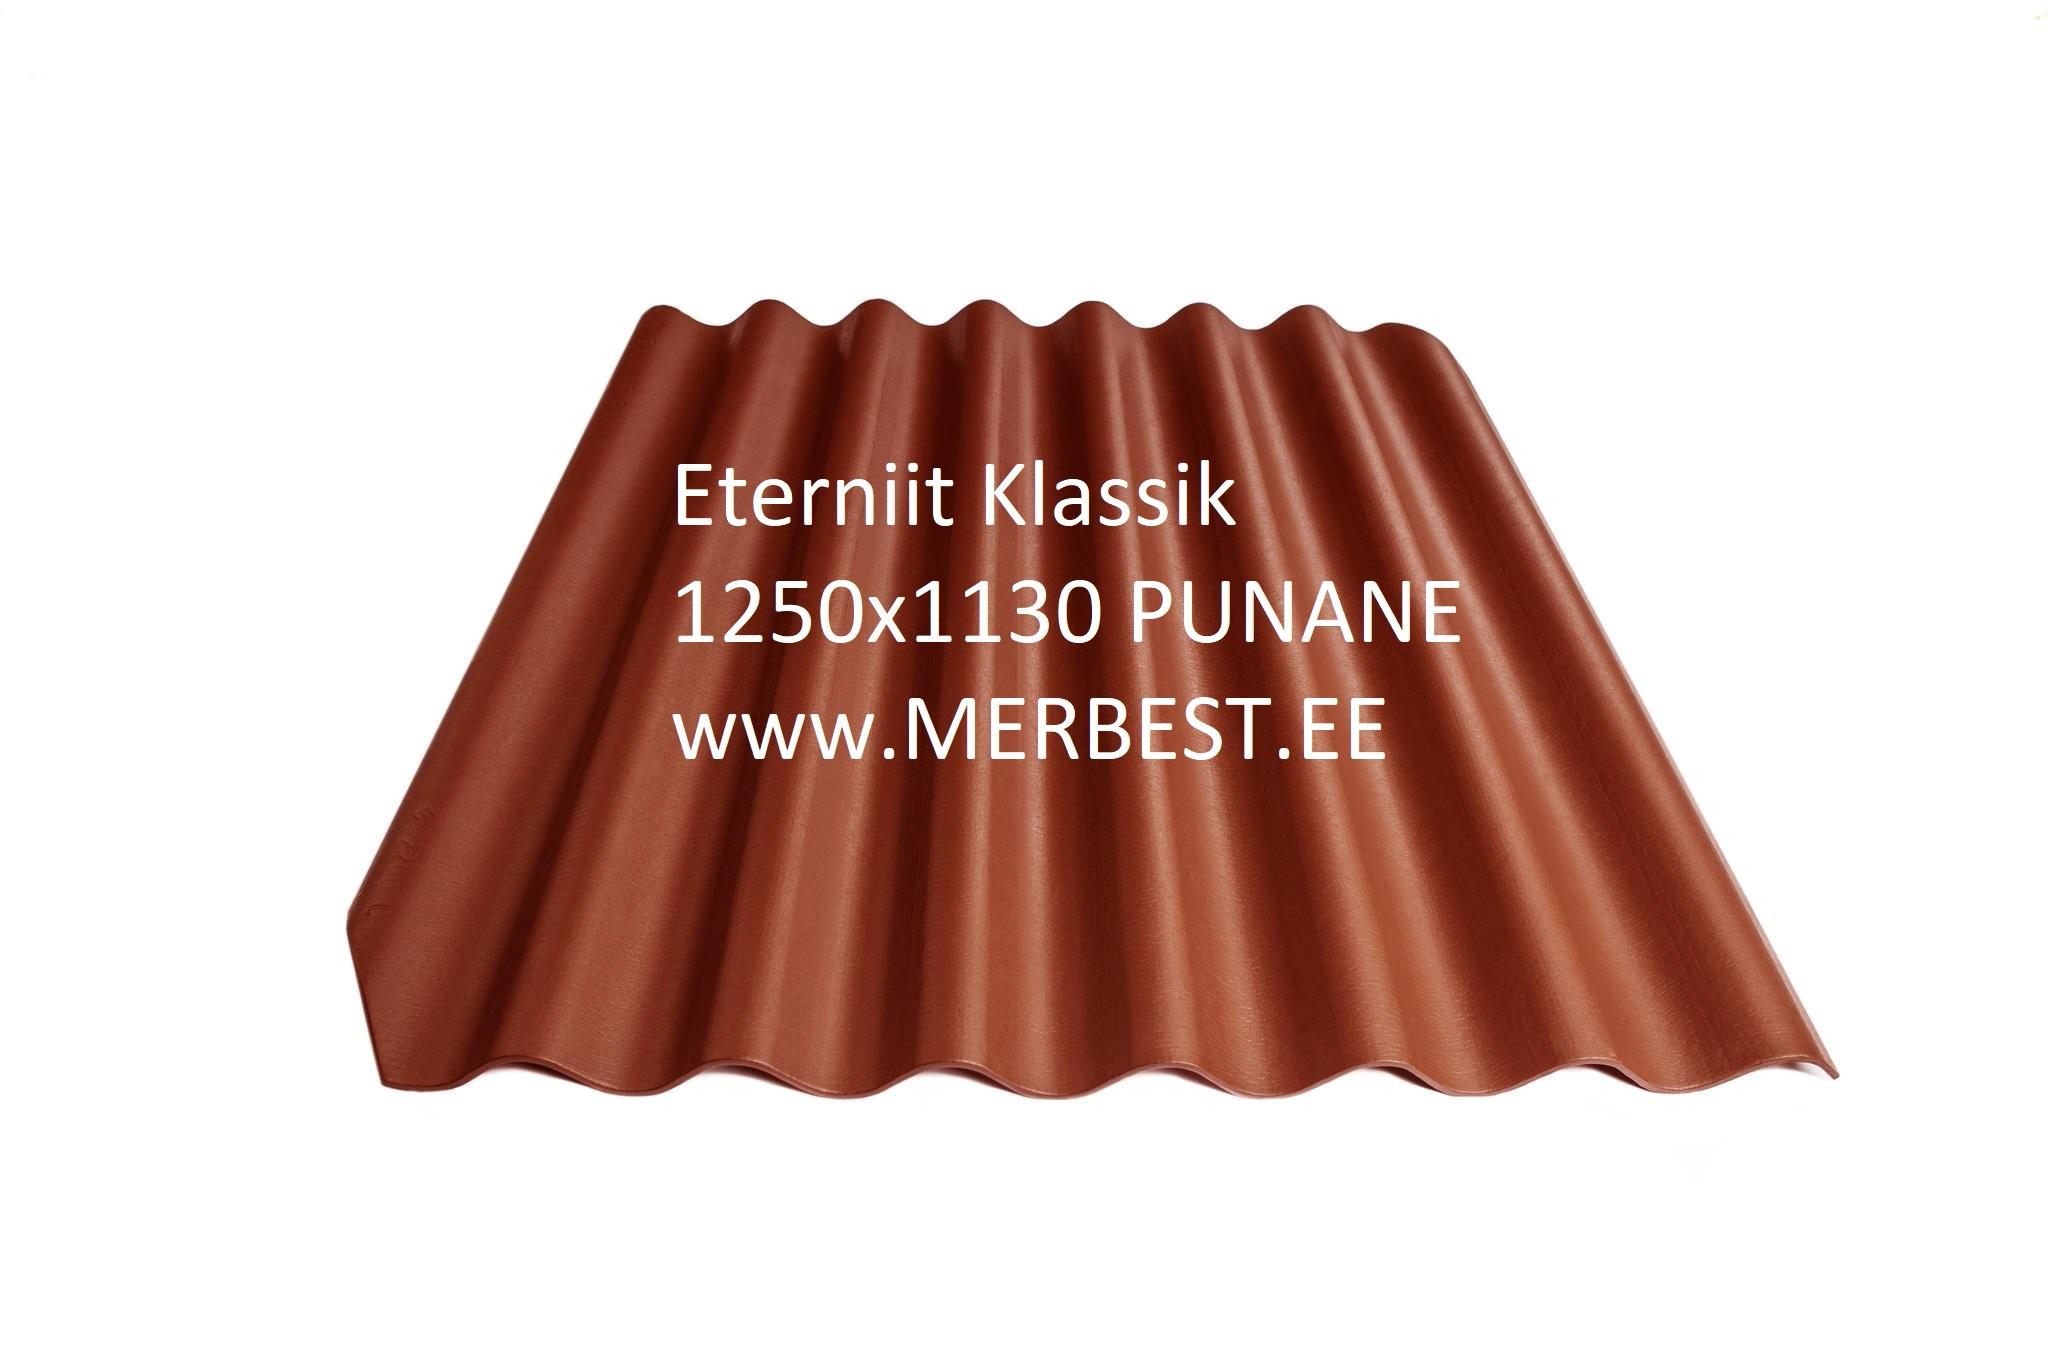 eterniit punane, Eterniit-Klasika-BL12-1250×1130-punane-eterniit-eterniidi-müük-katuseplaat-laineplaat-eterniidi-vahetus-katusetööd-merbest-oü